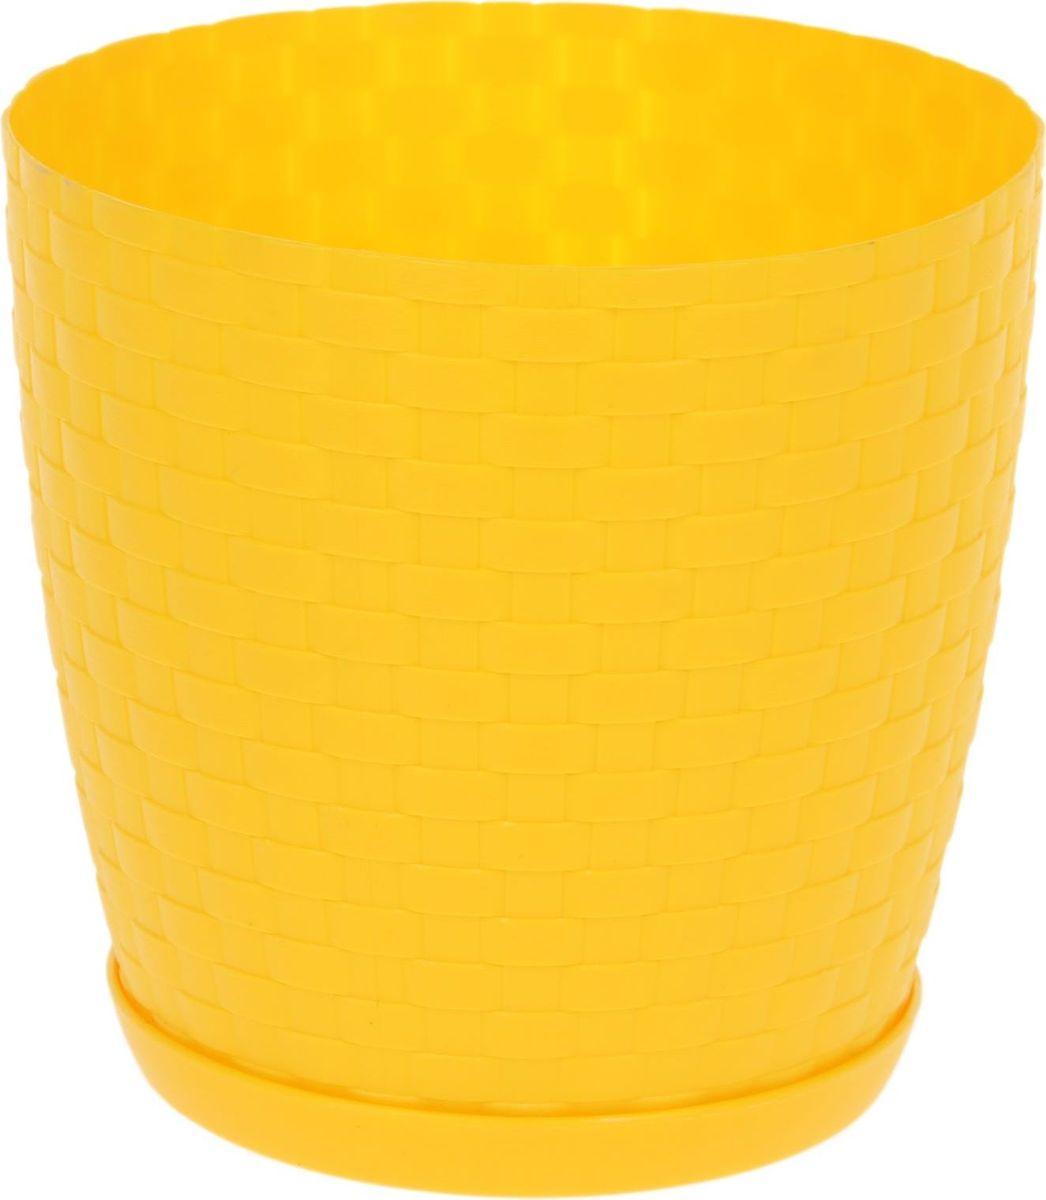 Горшок для цветов Петропласт Ротанг, с поддоном, цвет: желтый, 1,2 л1306727Горшок для цветов Петропласт Ротанг обладает малым весом и высокой прочностью. С лёгкостью переносите горшки и кашпо с места на место, ставьте их на столики или полки, подвешивайте под потолок, не беспокоясь о нагрузке. Пластиковые изделия не нуждаются в специальных условиях хранения. Их легко чистить - достаточно просто сполоснуть тёплой водой. Пластиковые кашпо не царапают и не загрязняют поверхности, на которых стоят. Пластик дольше хранит влагу, а значит растение реже нуждается в поливе.Пластмасса не пропускает воздух, а значит, корневой системе растения не грозят резкие перепады температур. Соблюдая нехитрые правила ухода, вы можете заметно продлить срок службы горшков, вазонов и кашпо из пластика:- всегда учитывайте размер кроны и корневой системы растения (при разрастании большое растение способно повредить маленький горшок). - берегите изделие от воздействия прямых солнечных лучей, чтобы кашпо и горшки не выцветали. - держите кашпо и горшки из пластика подальше от нагревающихся поверхностей. Любой, даже самый современный и продуманный интерьер будет не завершённым без растений. Они не только очищают воздух и насыщают его кислородом, но и заметно украшают окружающее пространство. Такому полезному члену семьи просто необходимо красивое и функциональное кашпо, оригинальный горшок или необычная ваза!